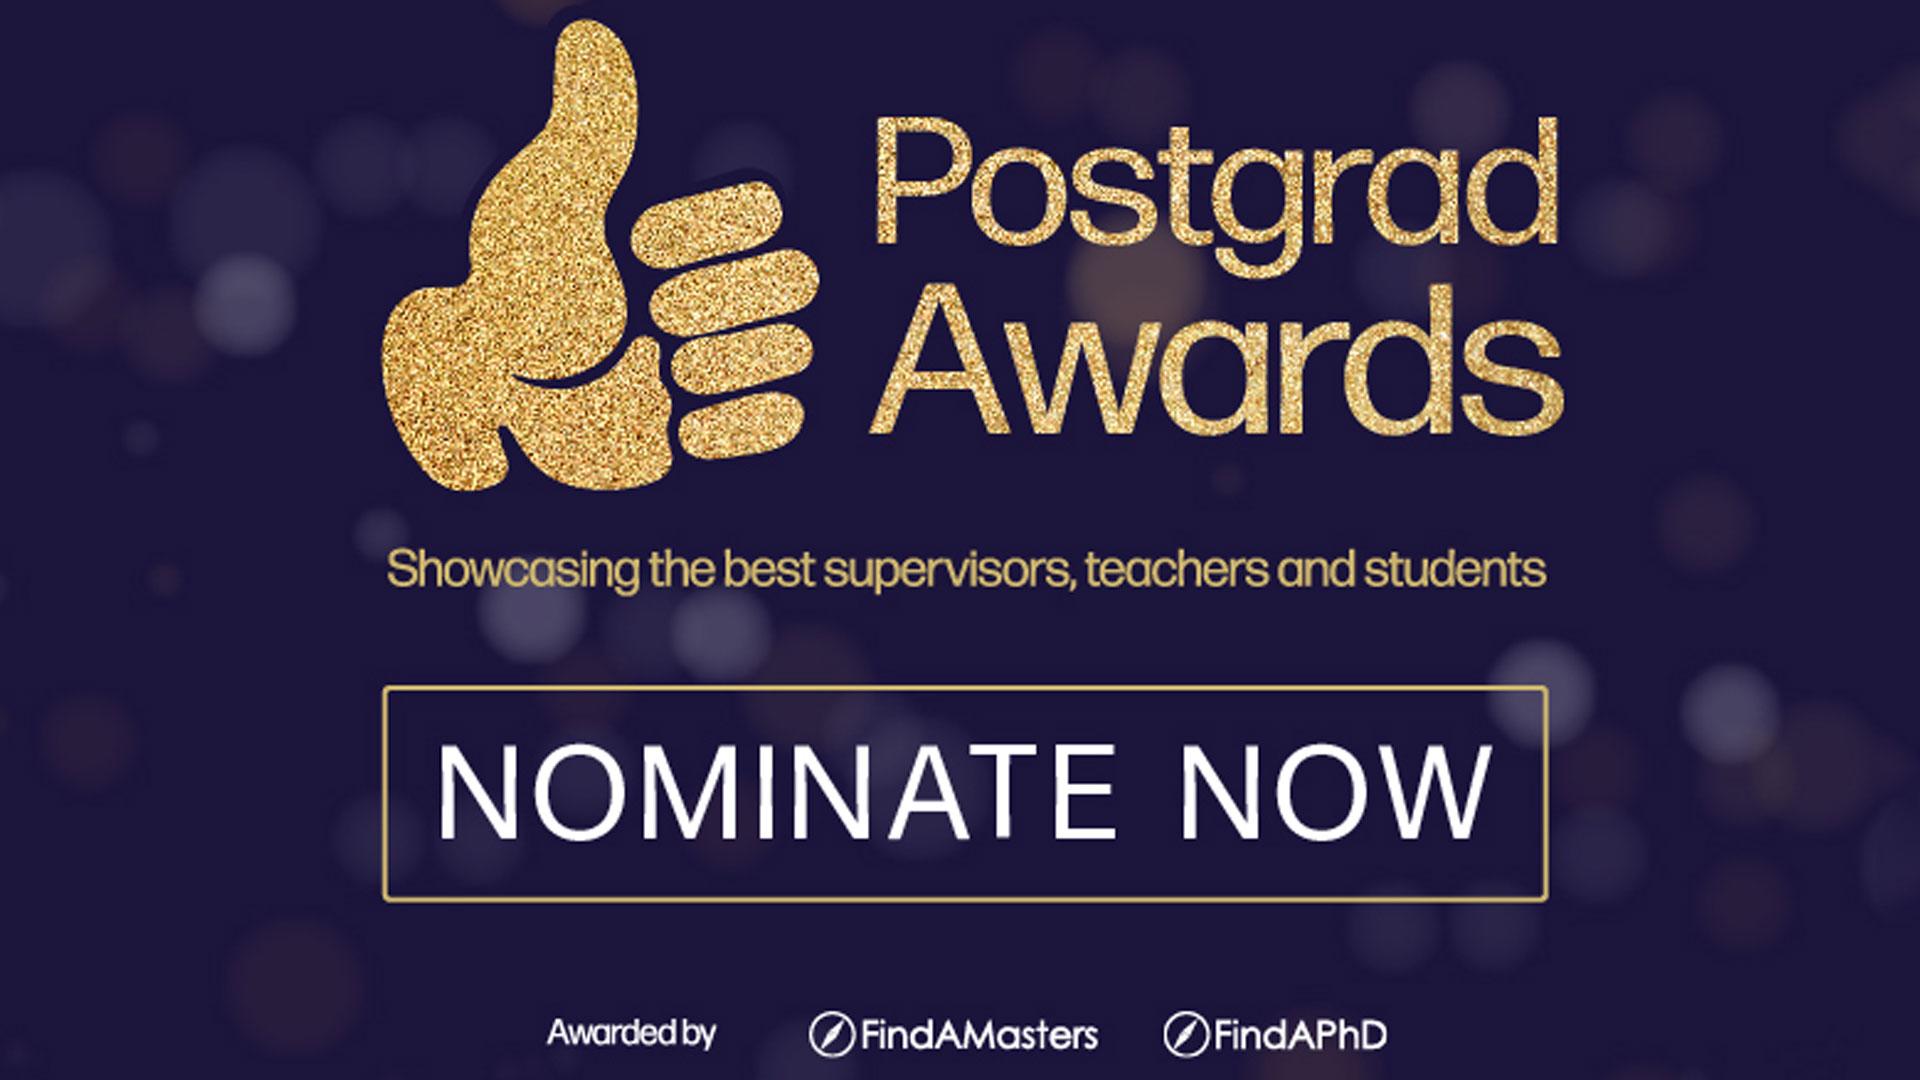 Postgrad Awards